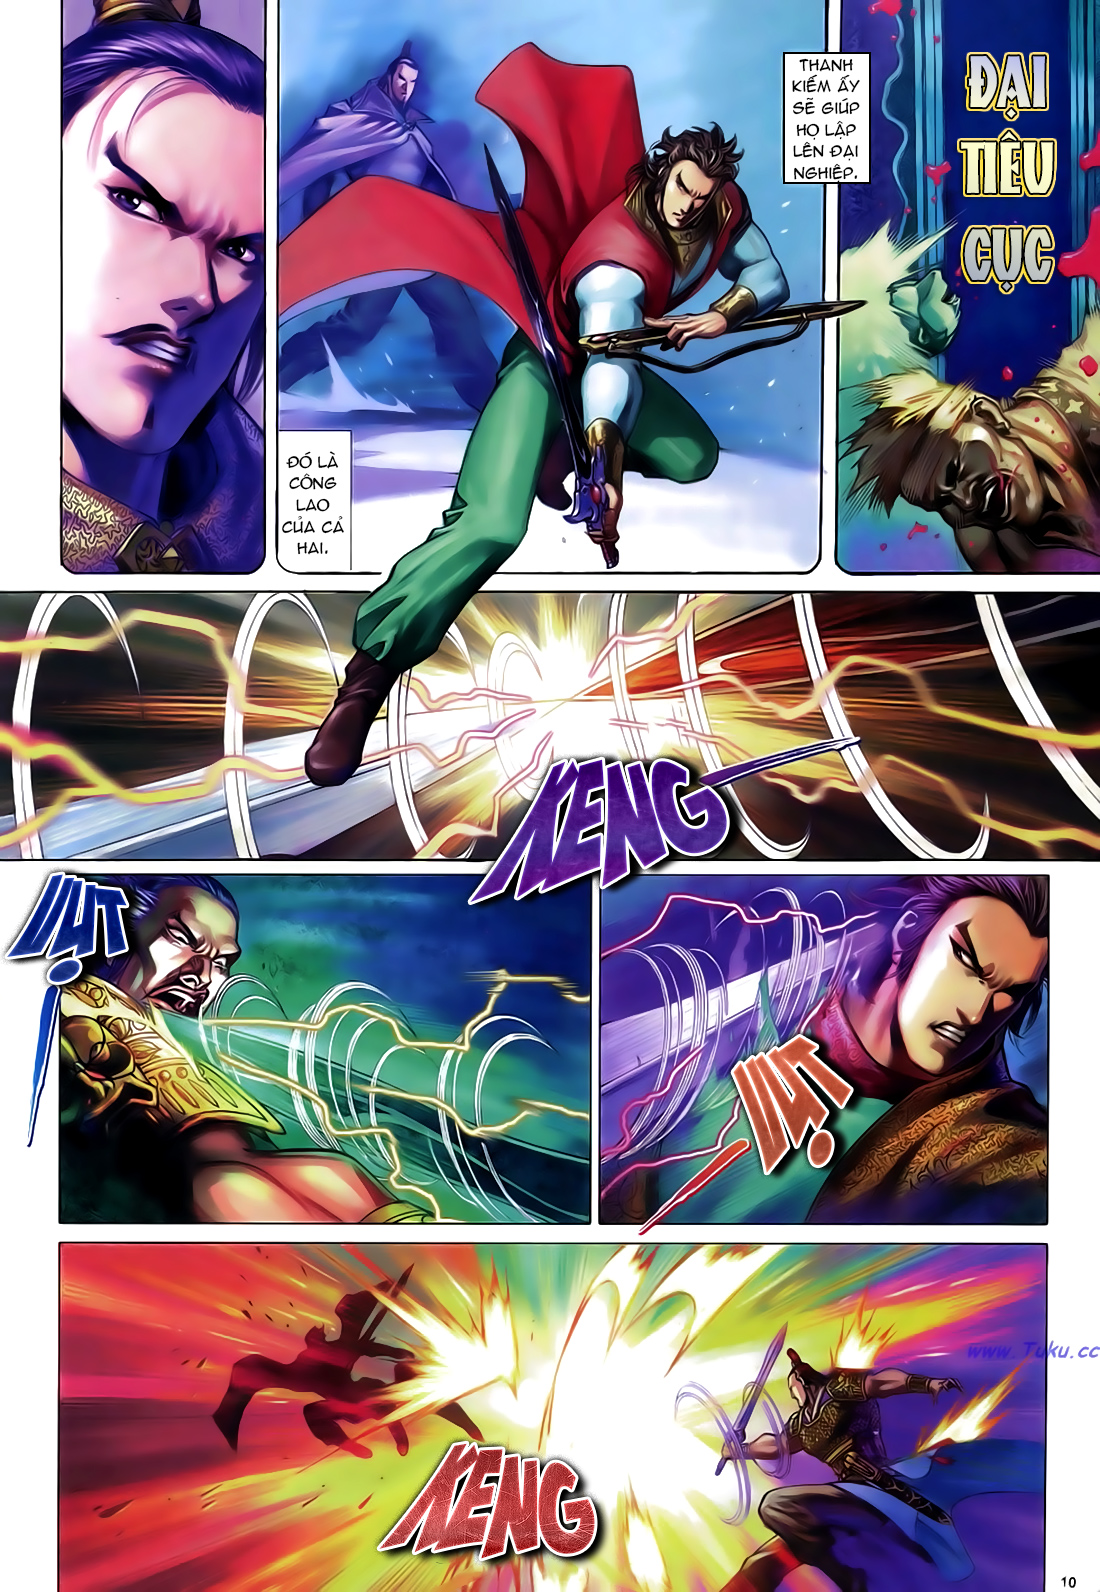 Anh hùng vô lệ Chap 24 trang 11